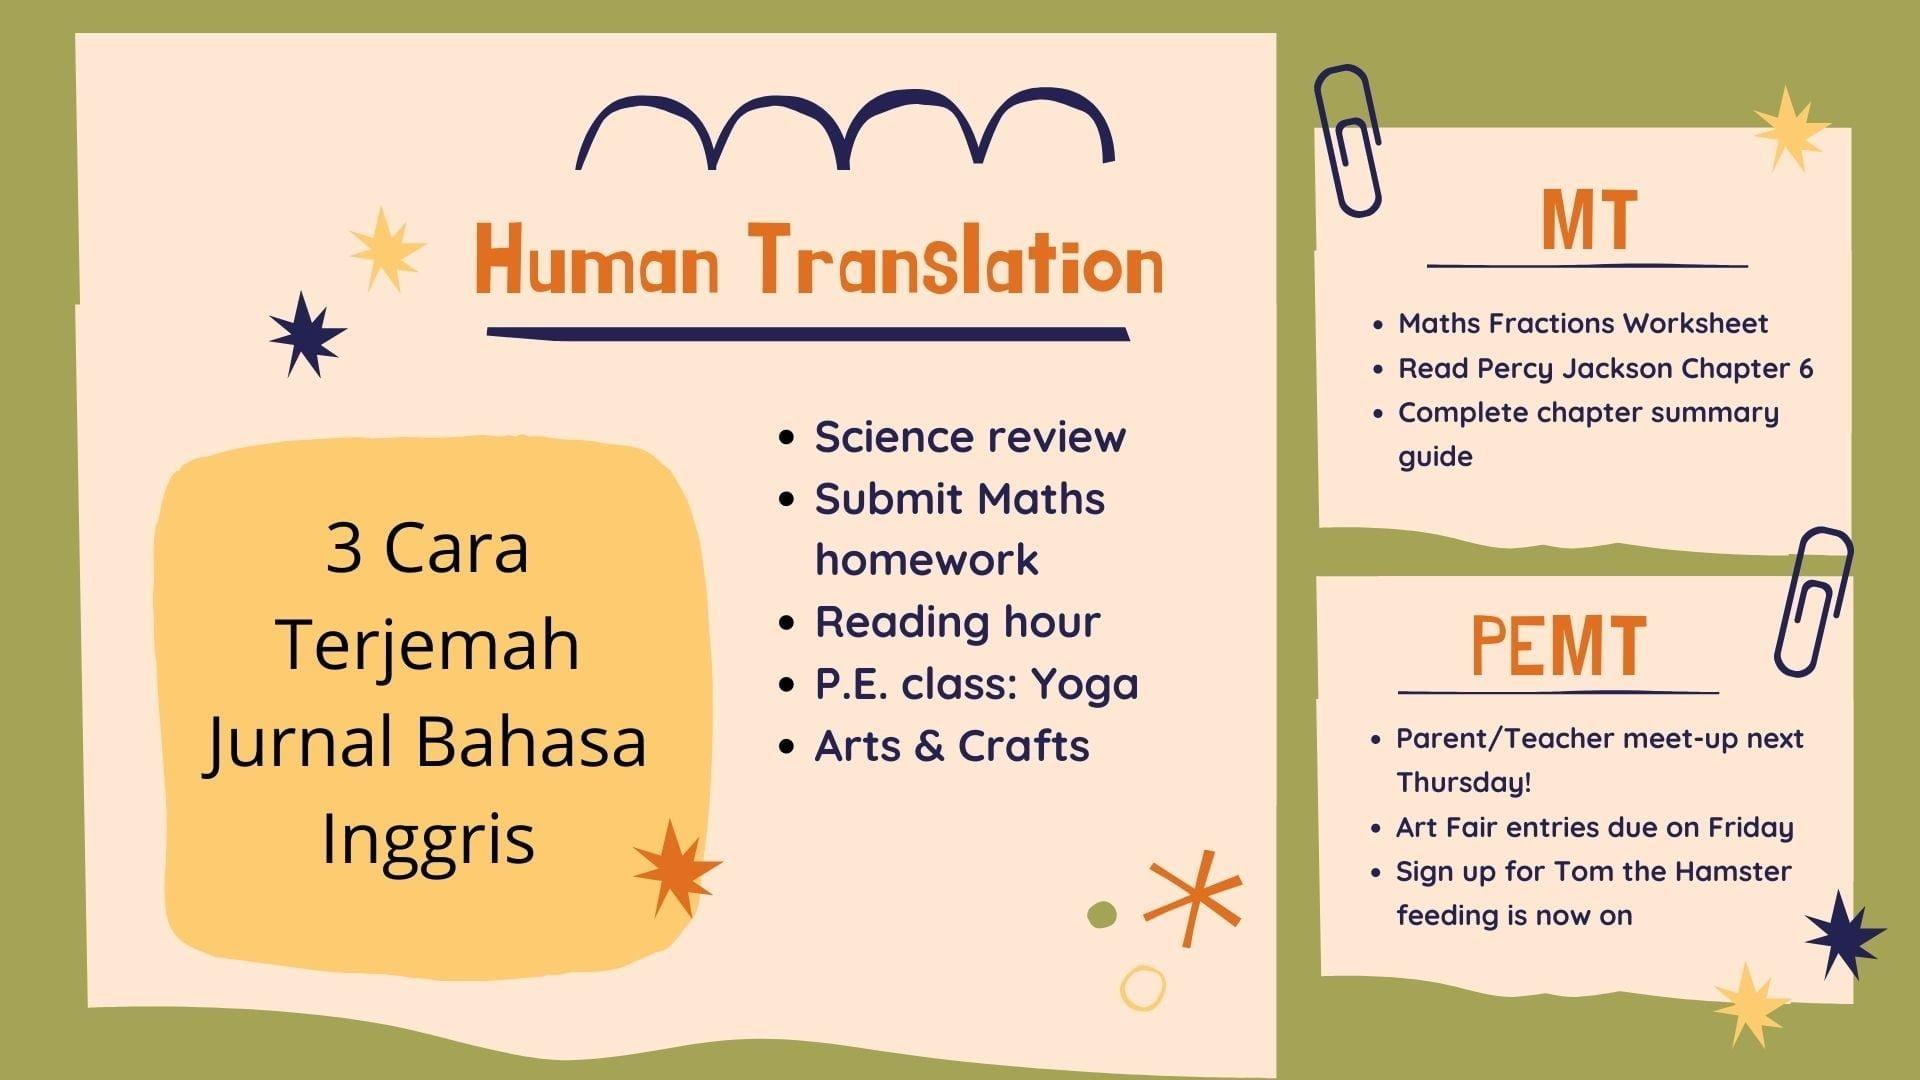 cara terjemah jurnal bahasa inggris